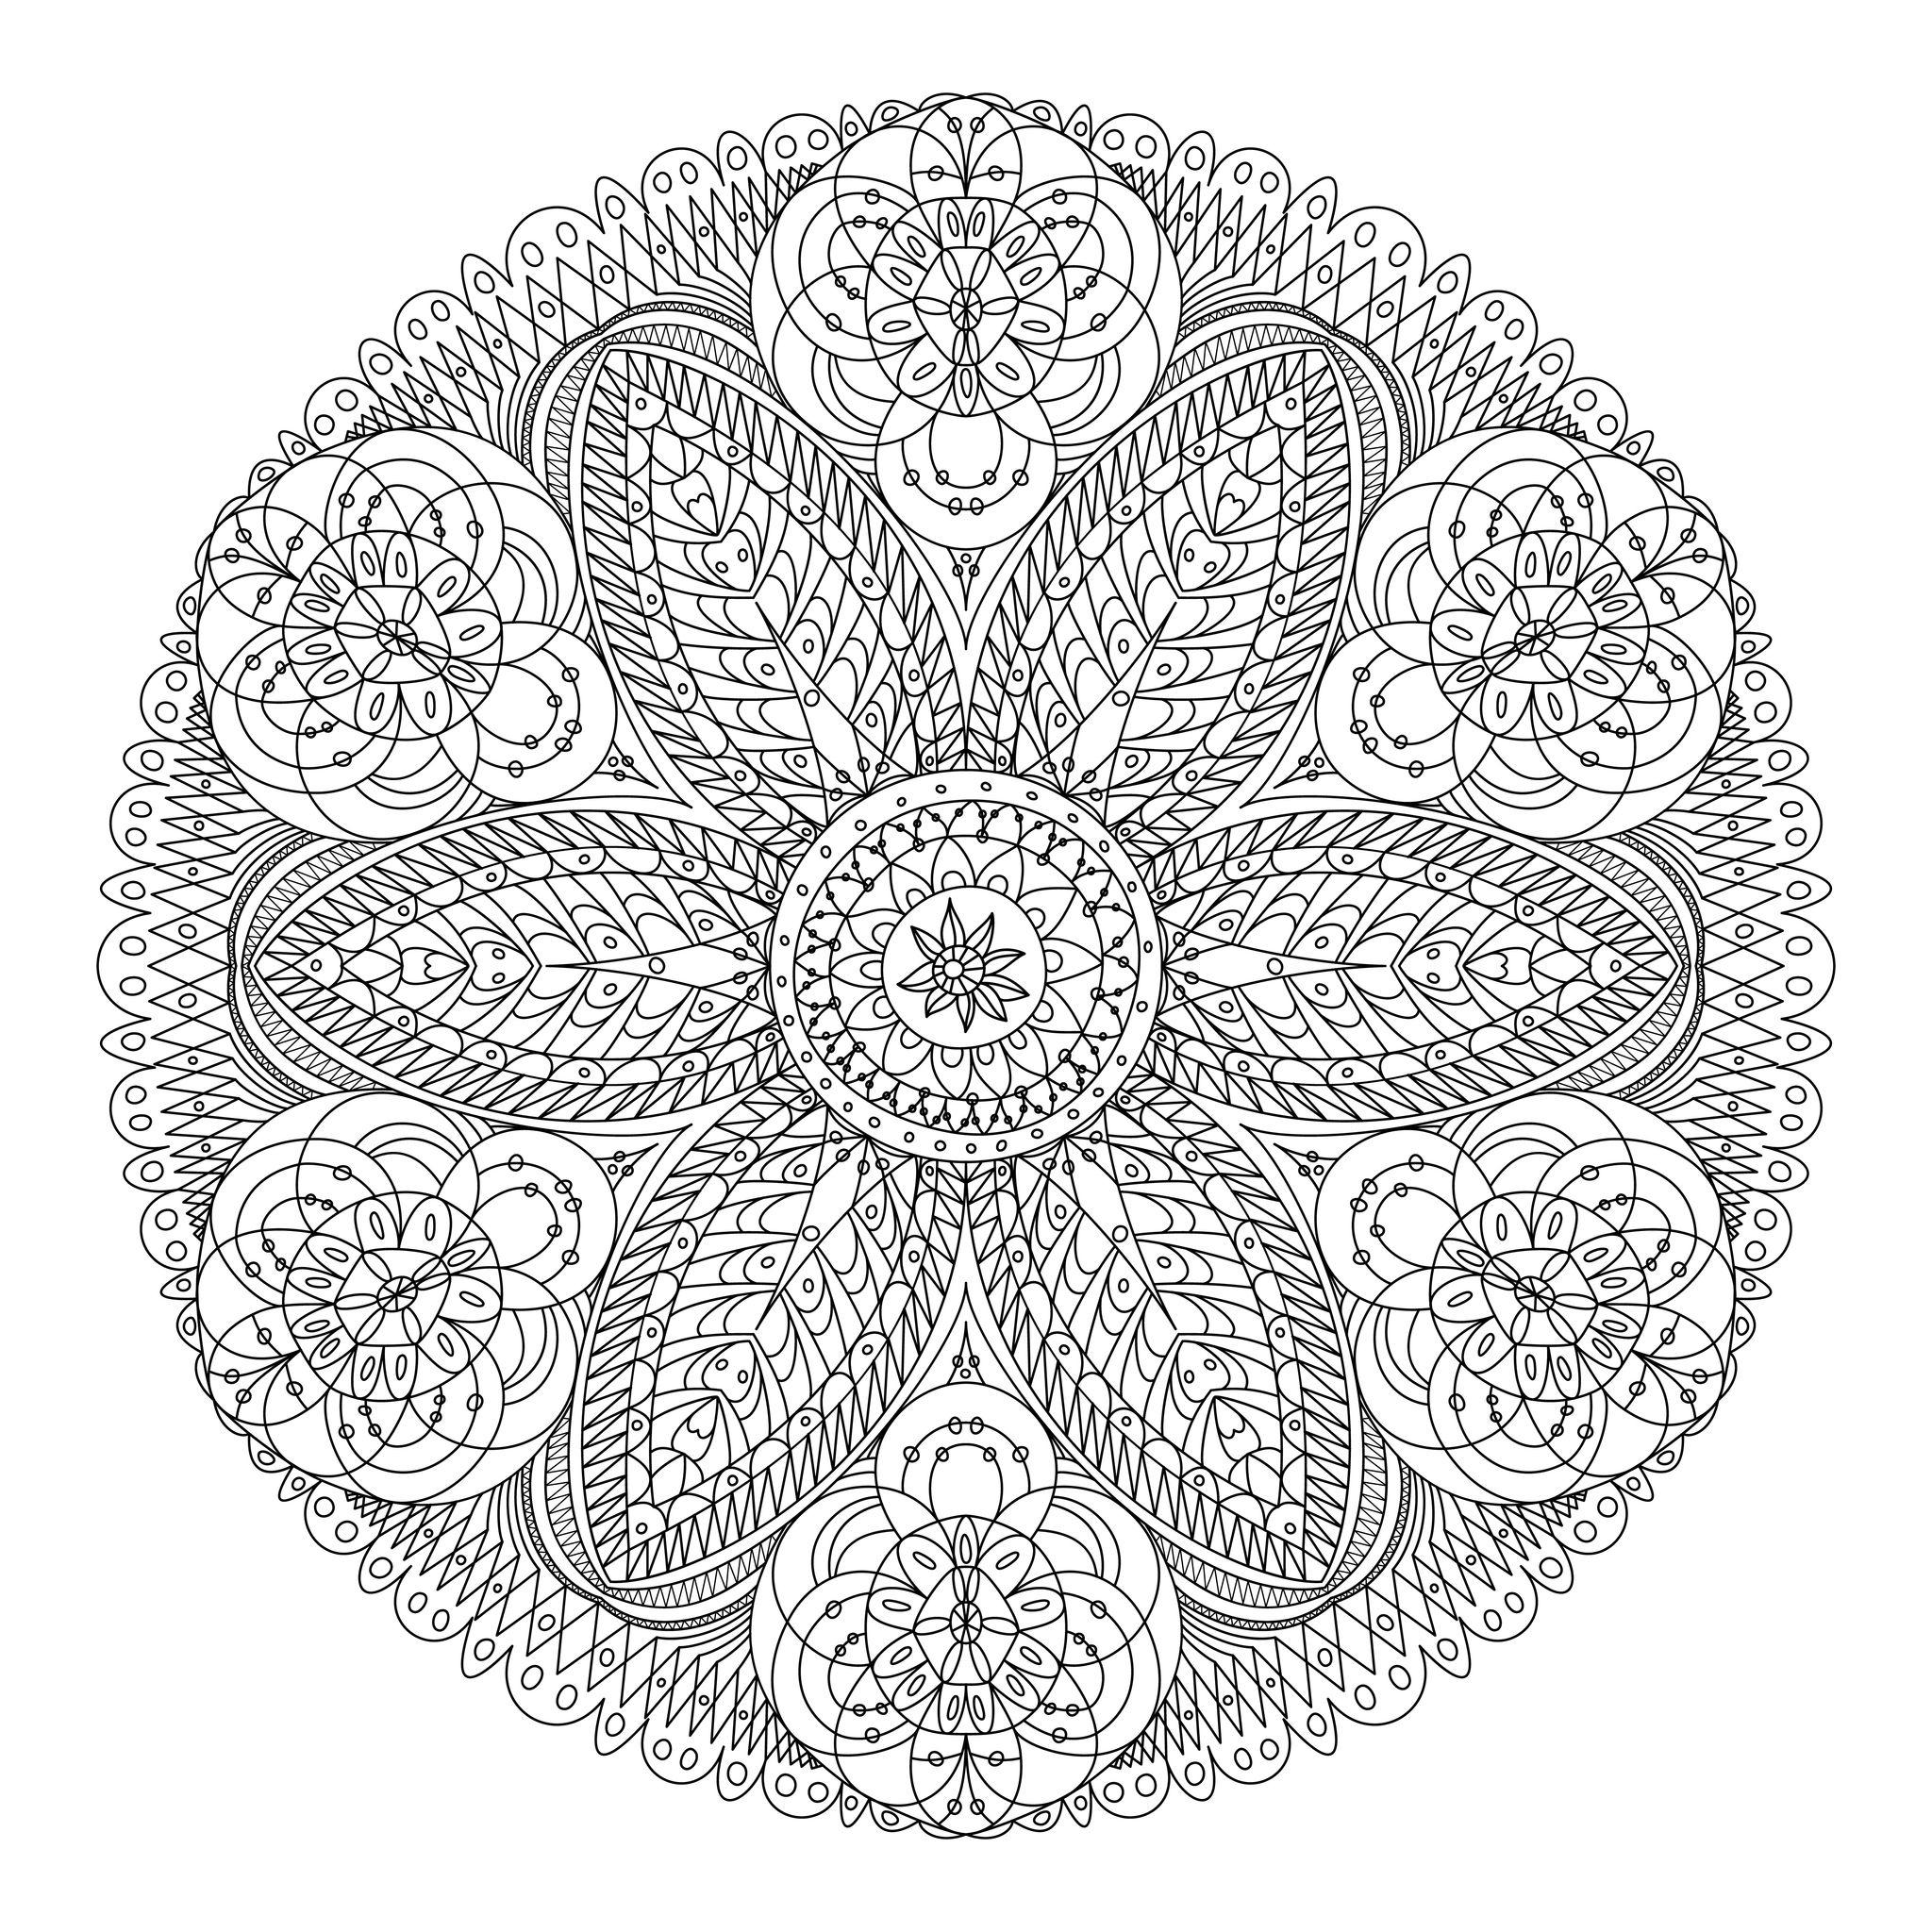 Minutieux Mandala Coloriage | Chainimage pour Mandala Coloriage